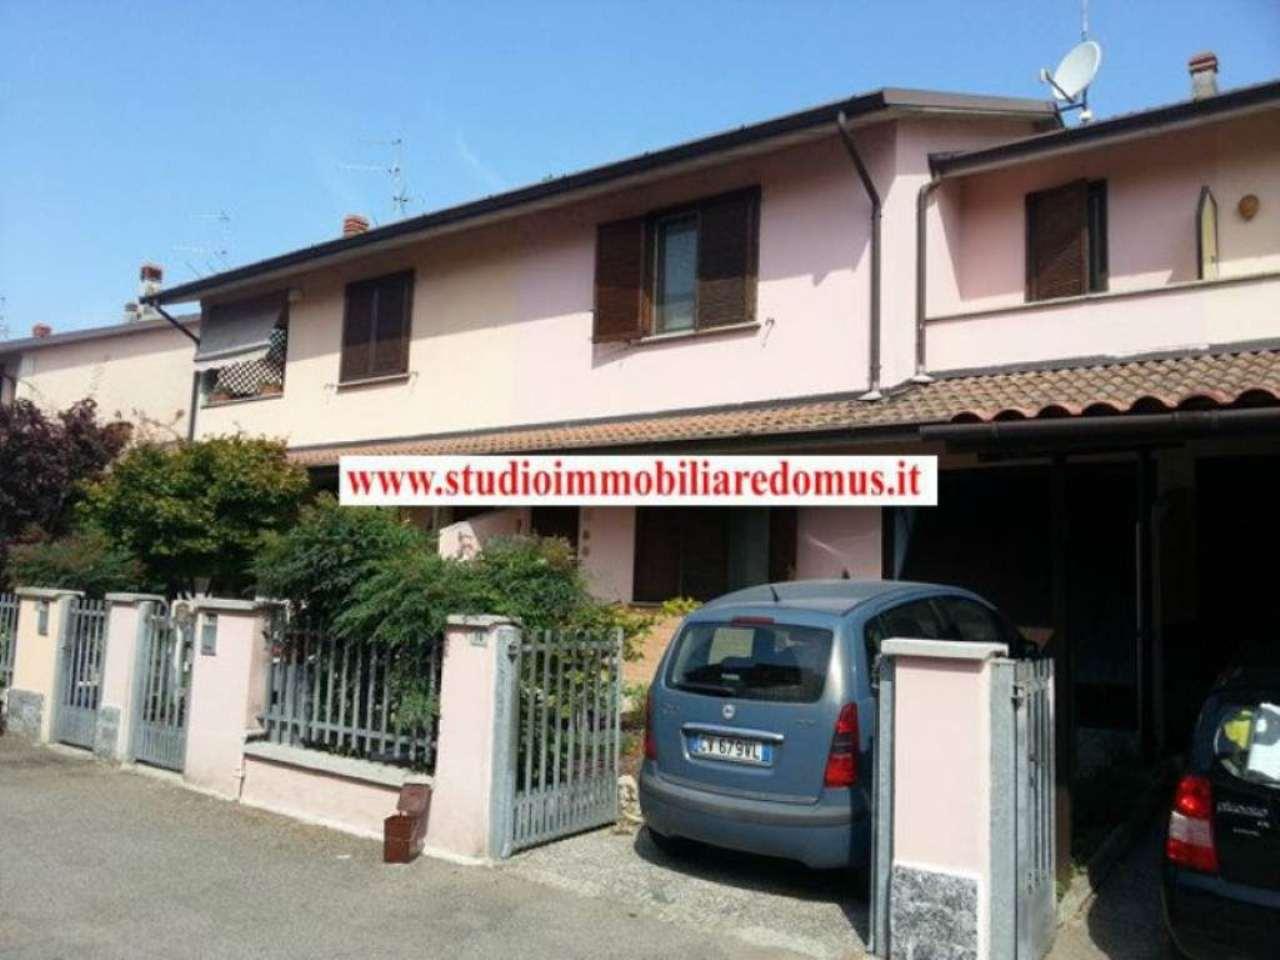 Villa a Schiera in vendita a Cornegliano Laudense, 4 locali, prezzo € 189.000 | Cambio Casa.it